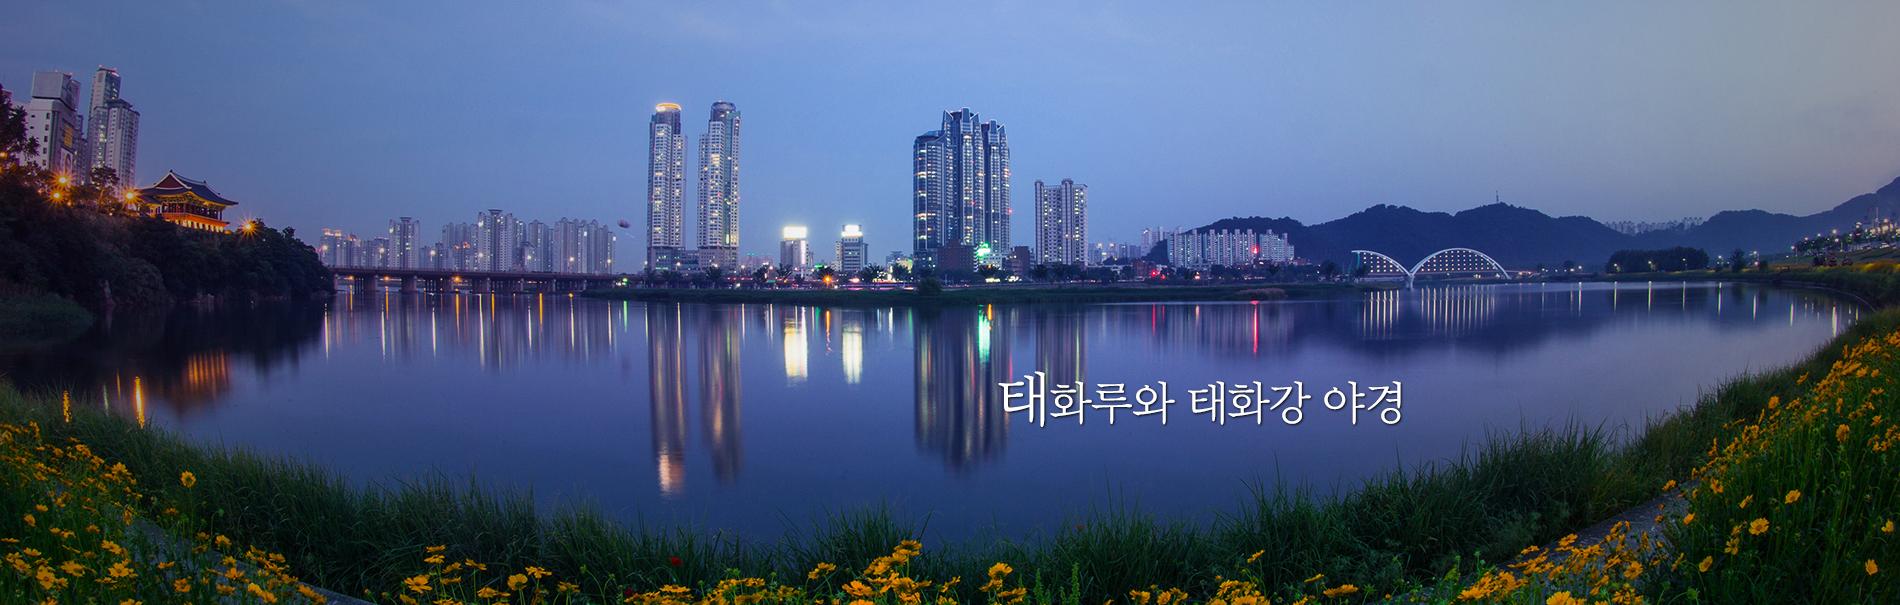 太和楼と太和川の夜景